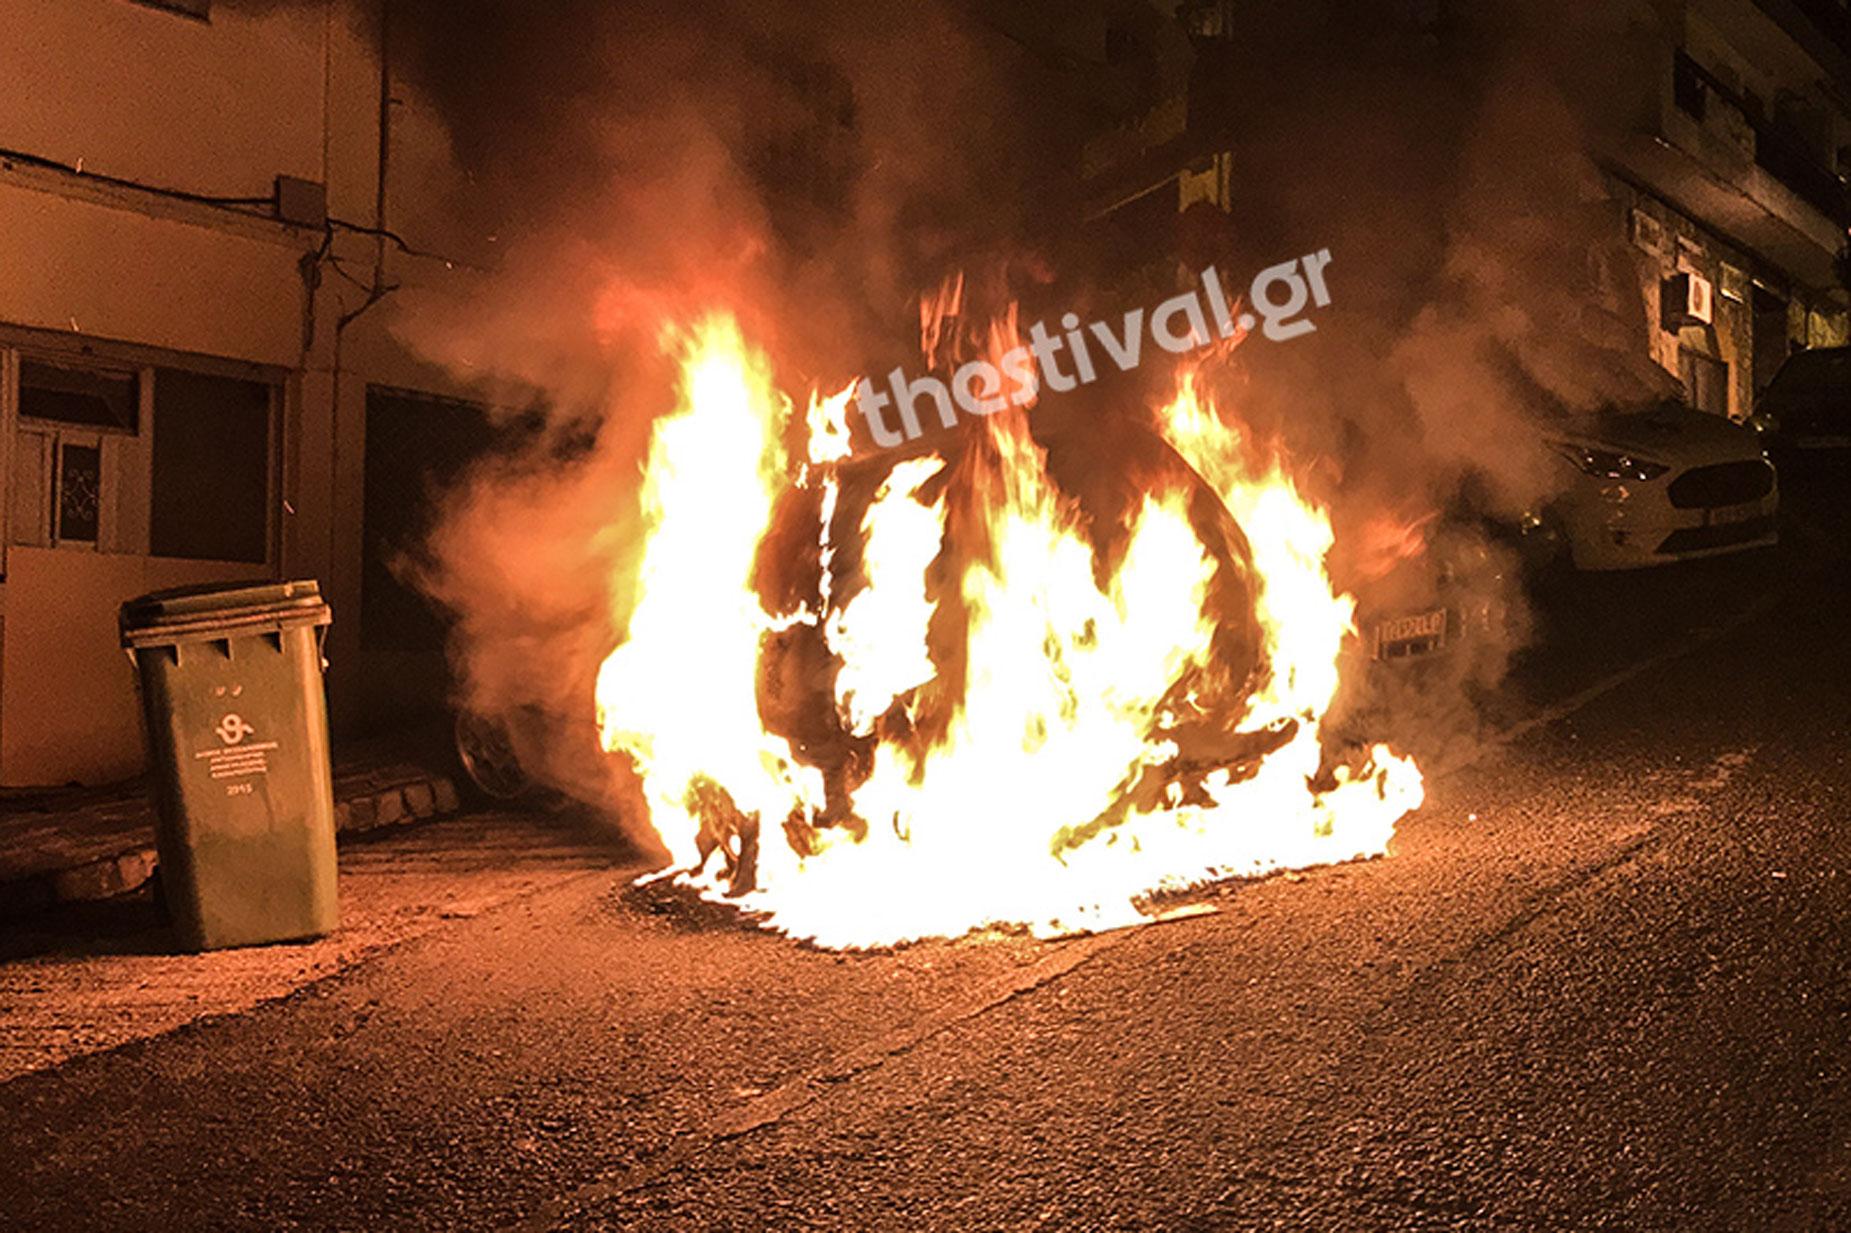 Θεσσαλονίκη: Έκαψαν το αυτοκίνητο Τούρκου διπλωμάτη! [video]